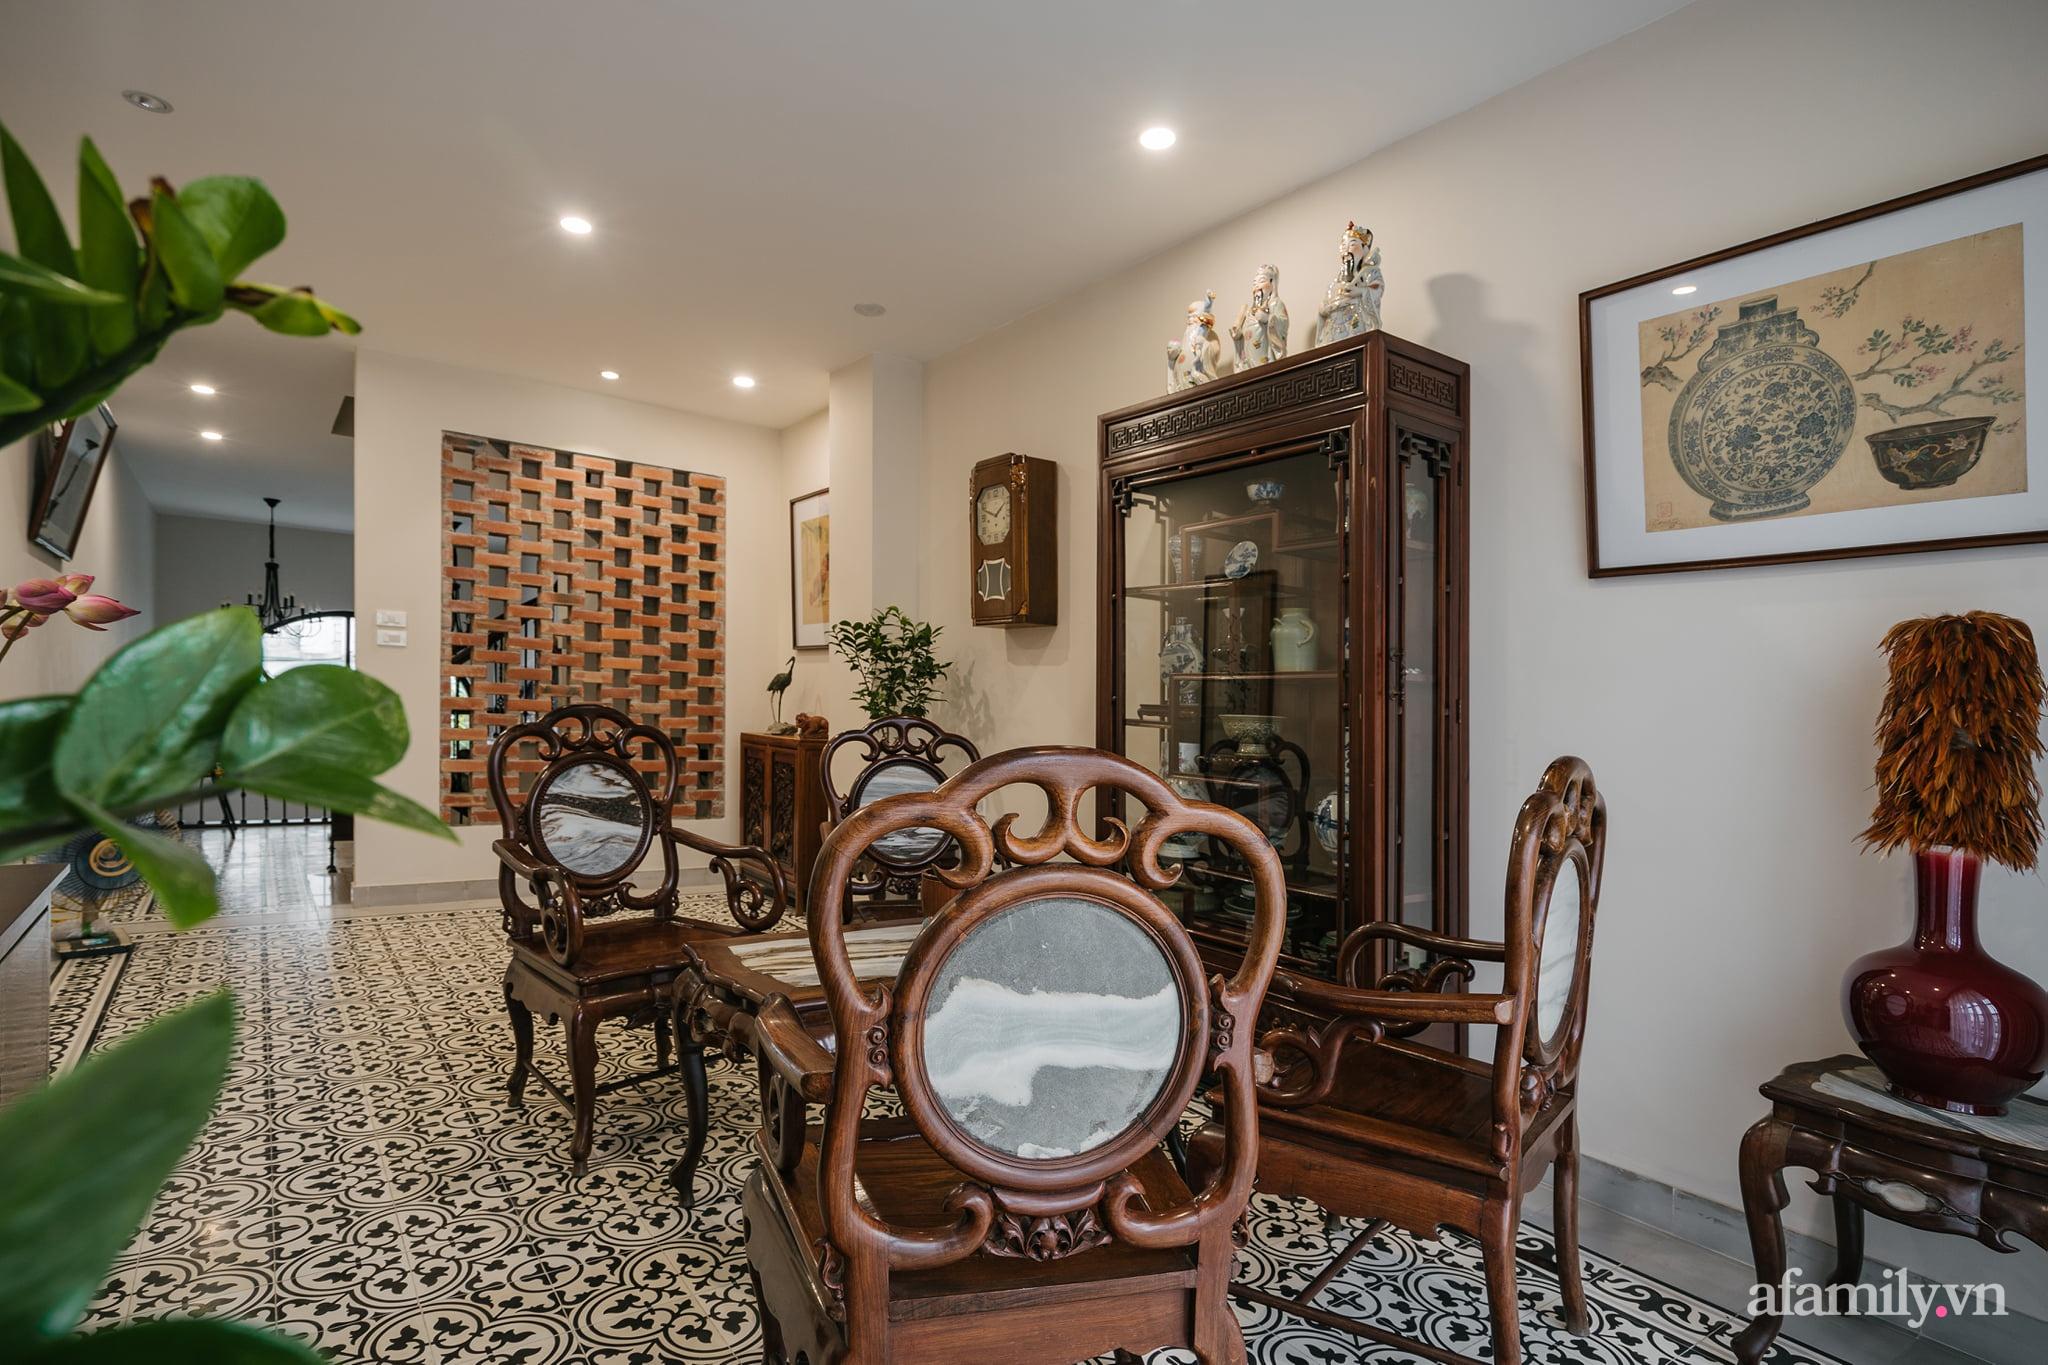 Căn nhà của miền ký ức được xây dựng từ lòng hiếu thảo của con trai dành cho bố mẹ ở Long Biên, Hà Nội - Ảnh 3.